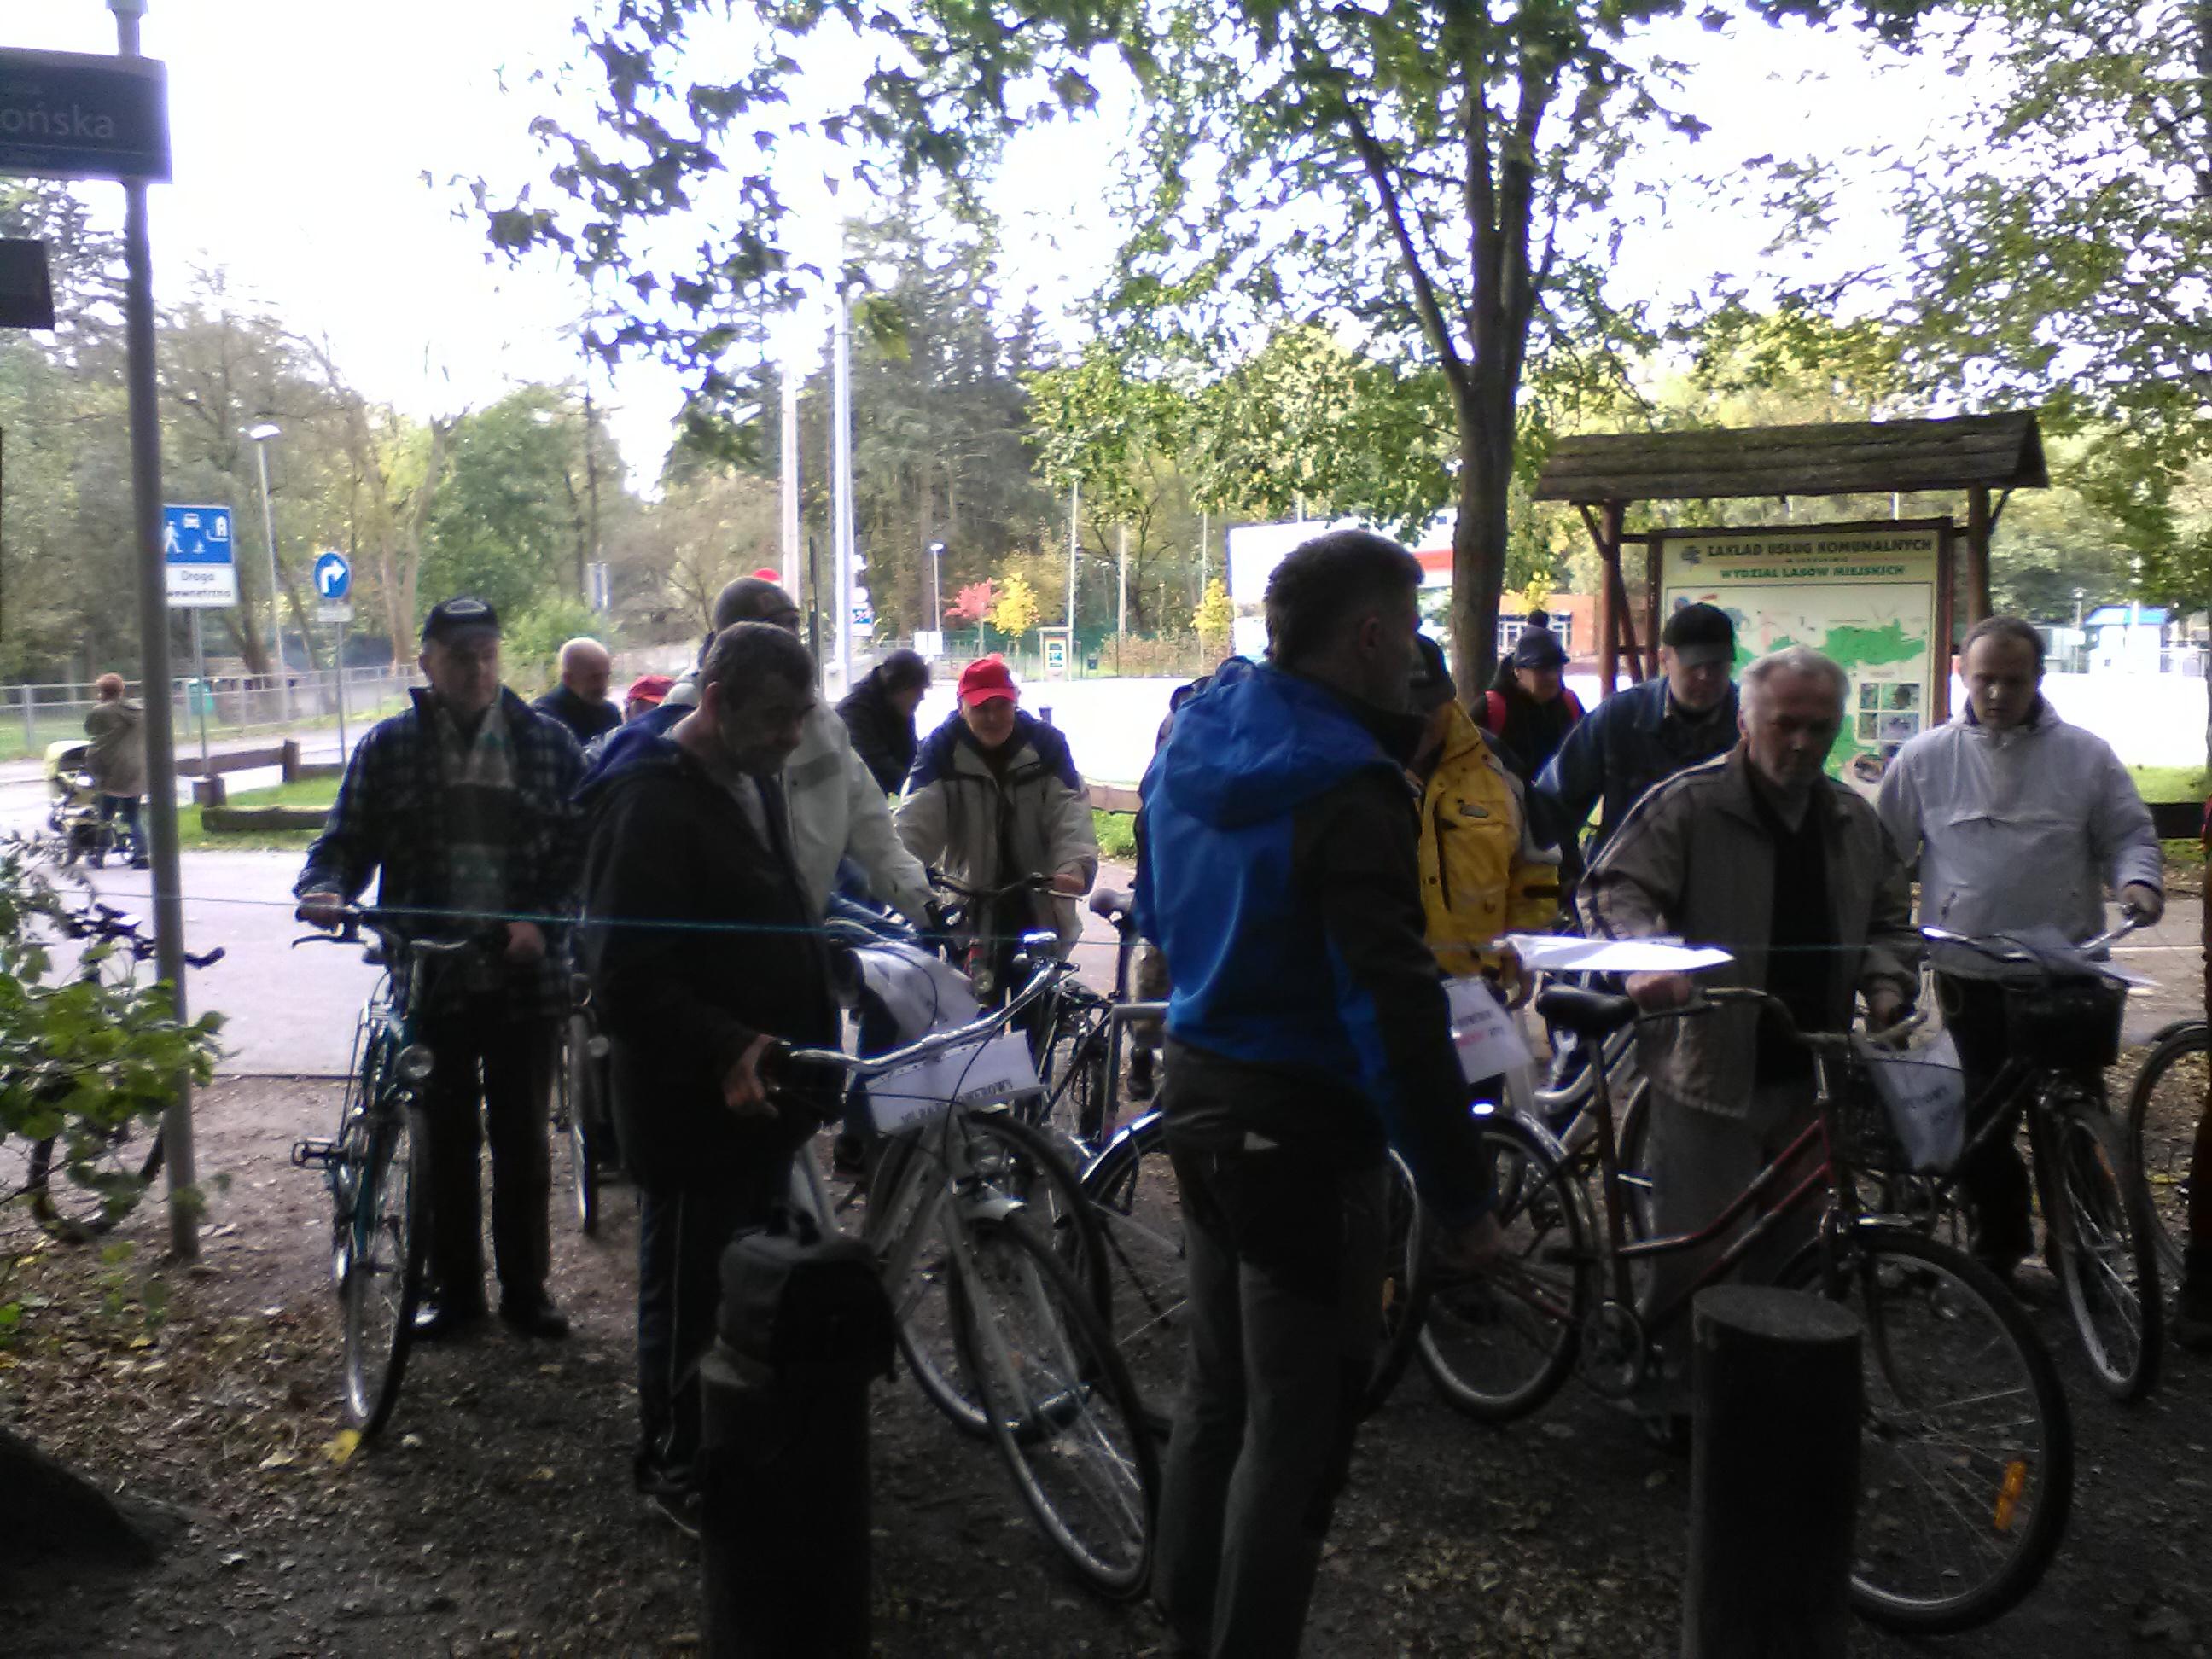 2017.10.12 - VII Rajd rowerowy z Bronkiem 1